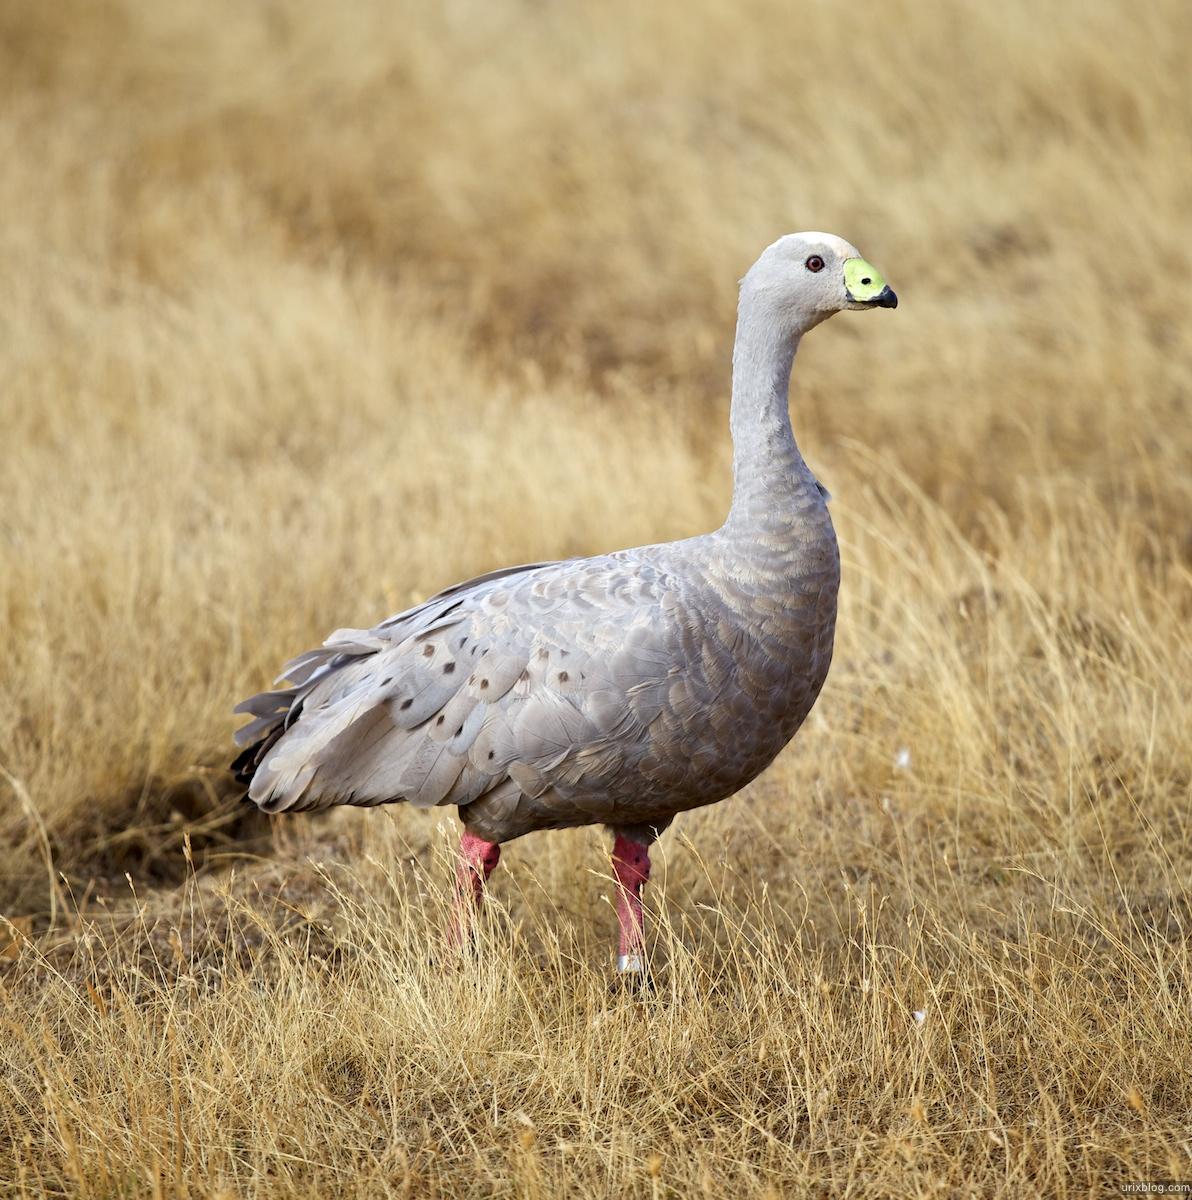 2011 2010 South Australia, Kangaroo Island, Остров Кенгуру, Южная Австралия, goose, гусь